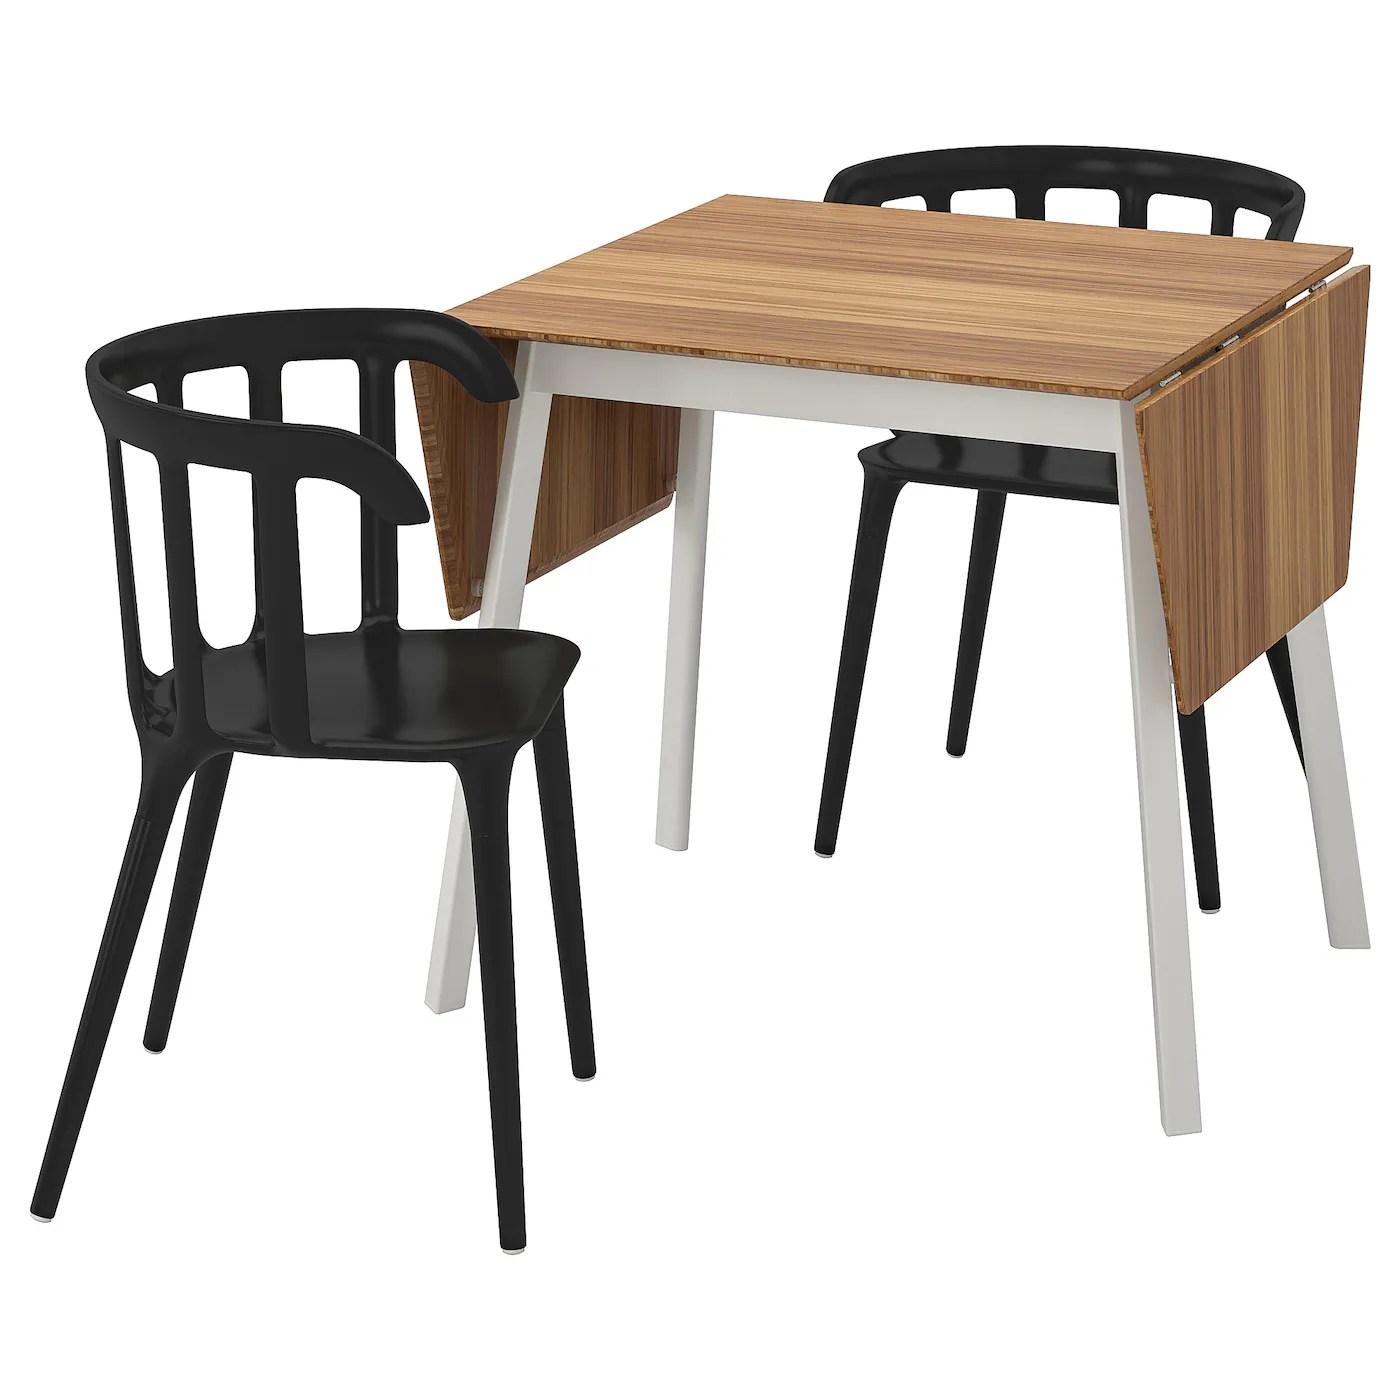 ikea ps 2012 ikea ps 2012 table et 2 chaises bambou noir 74 cm